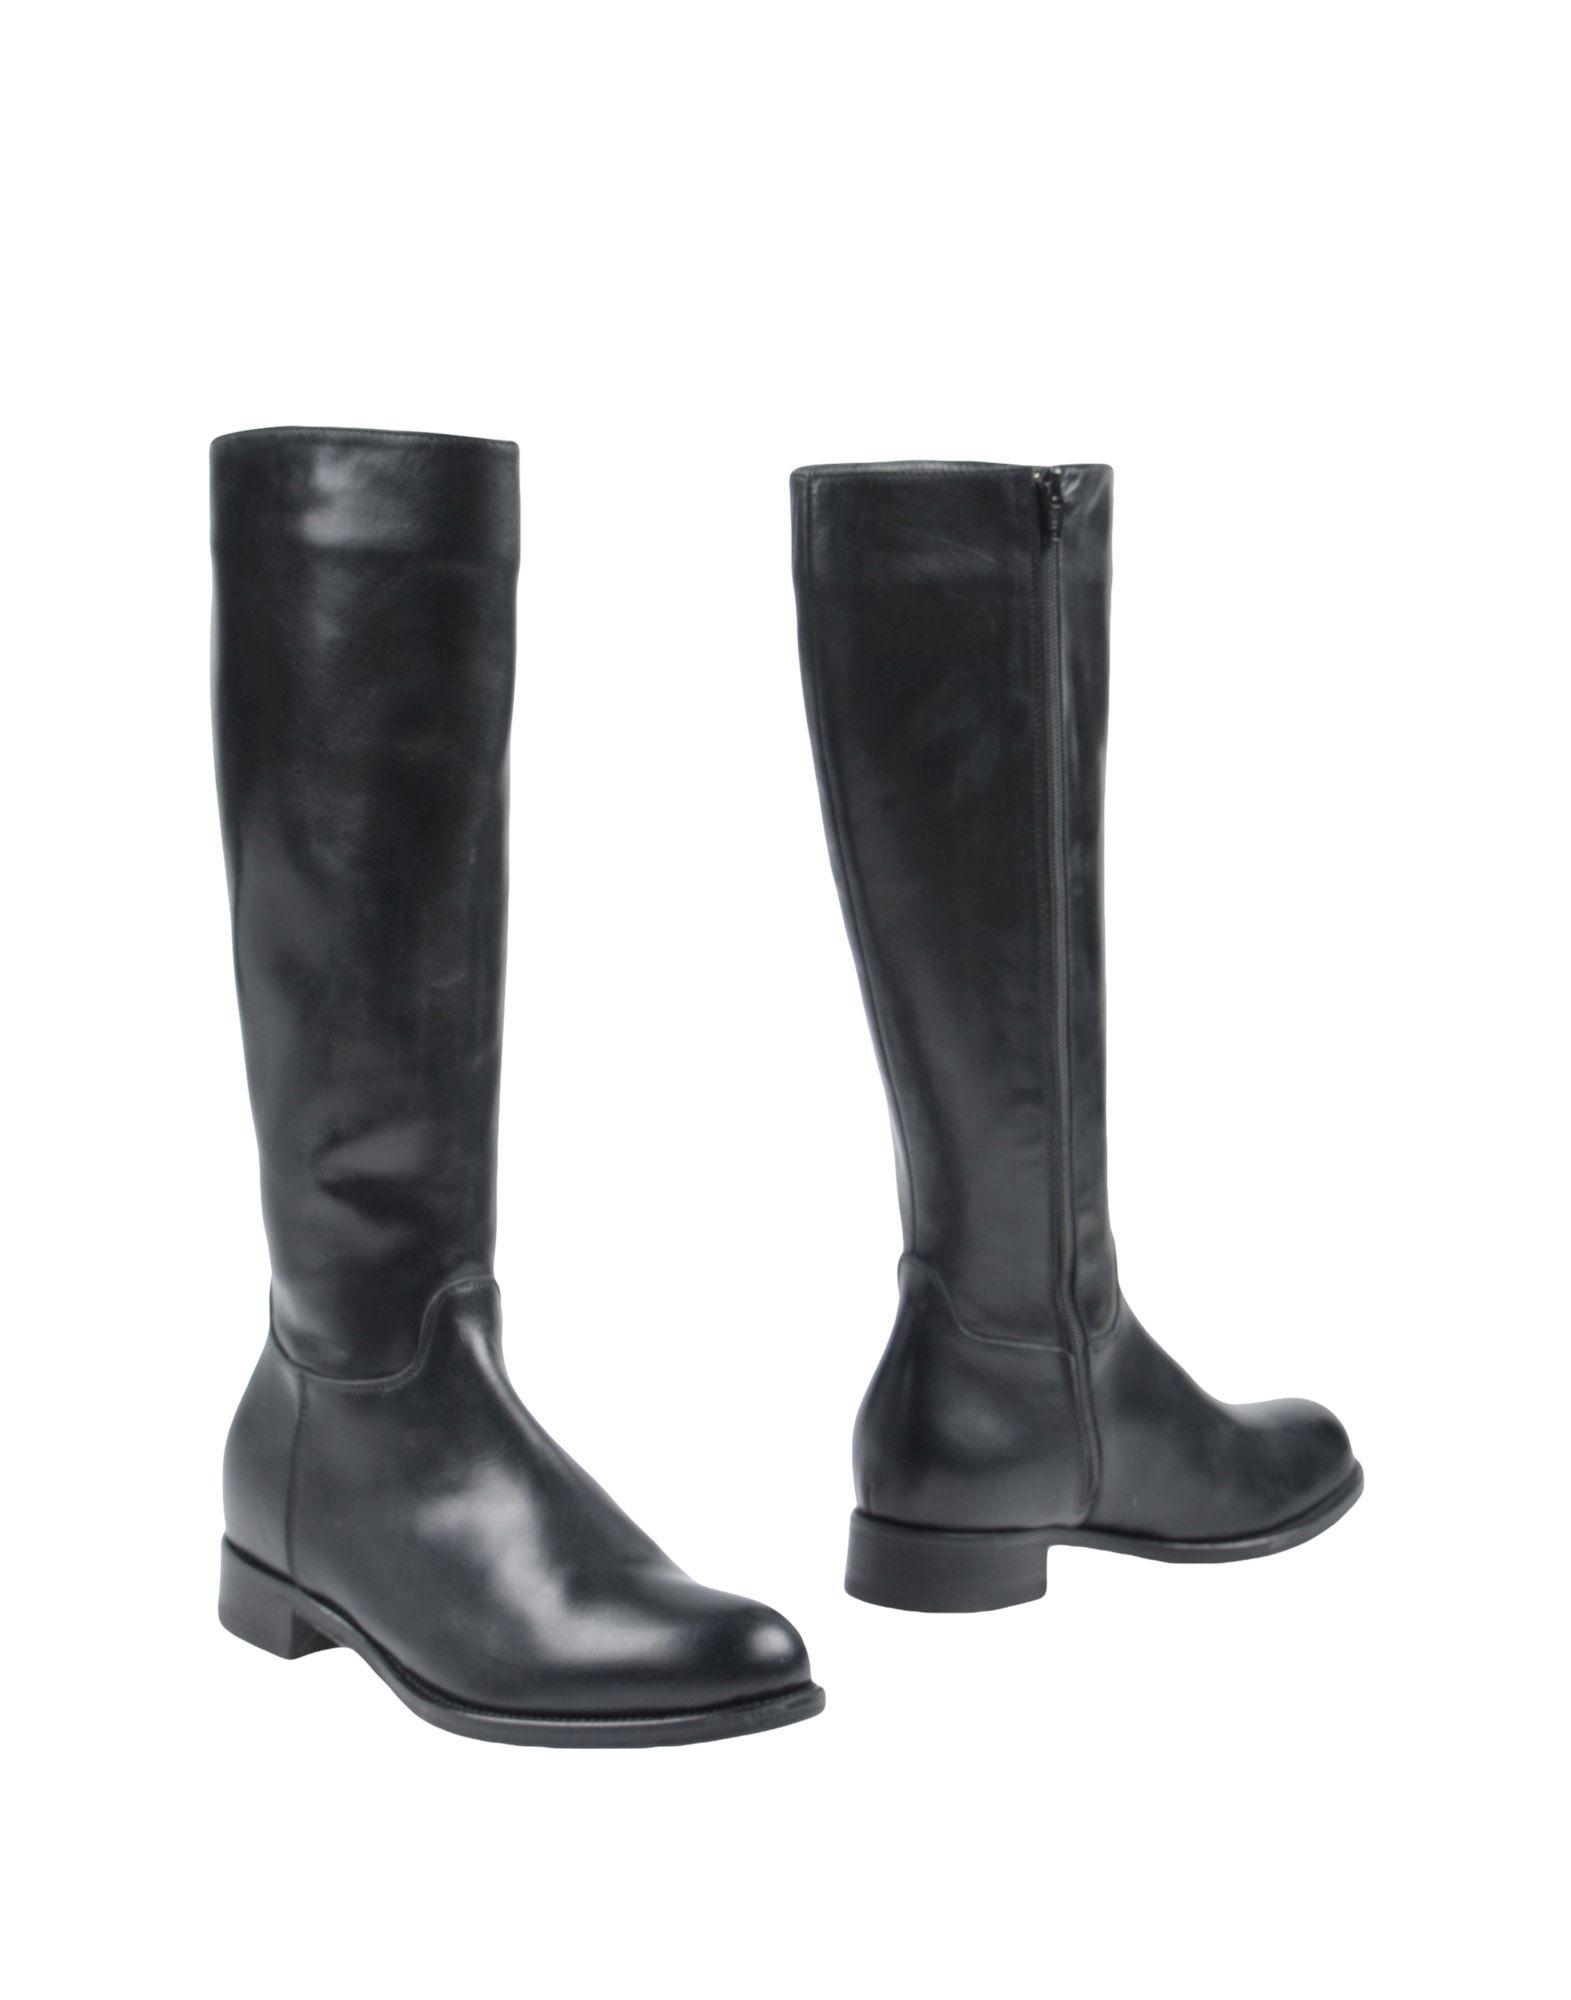 Pollini Stiefel Damen  11446907KMGut aussehende strapazierfähige Schuhe